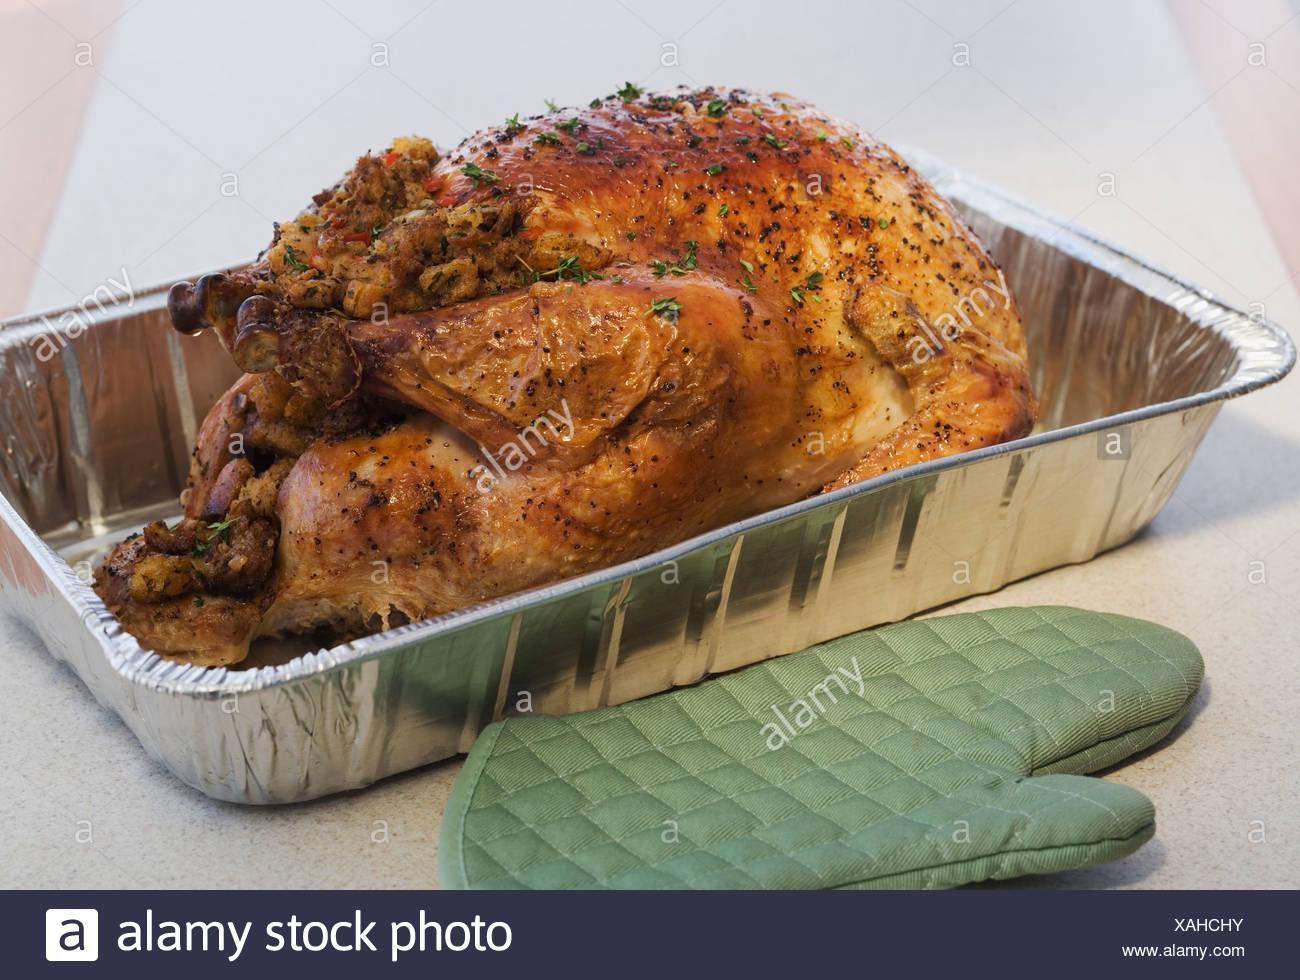 Großzügig Thanksgiving Truthahn Färbung Fotos - Druckbare ...